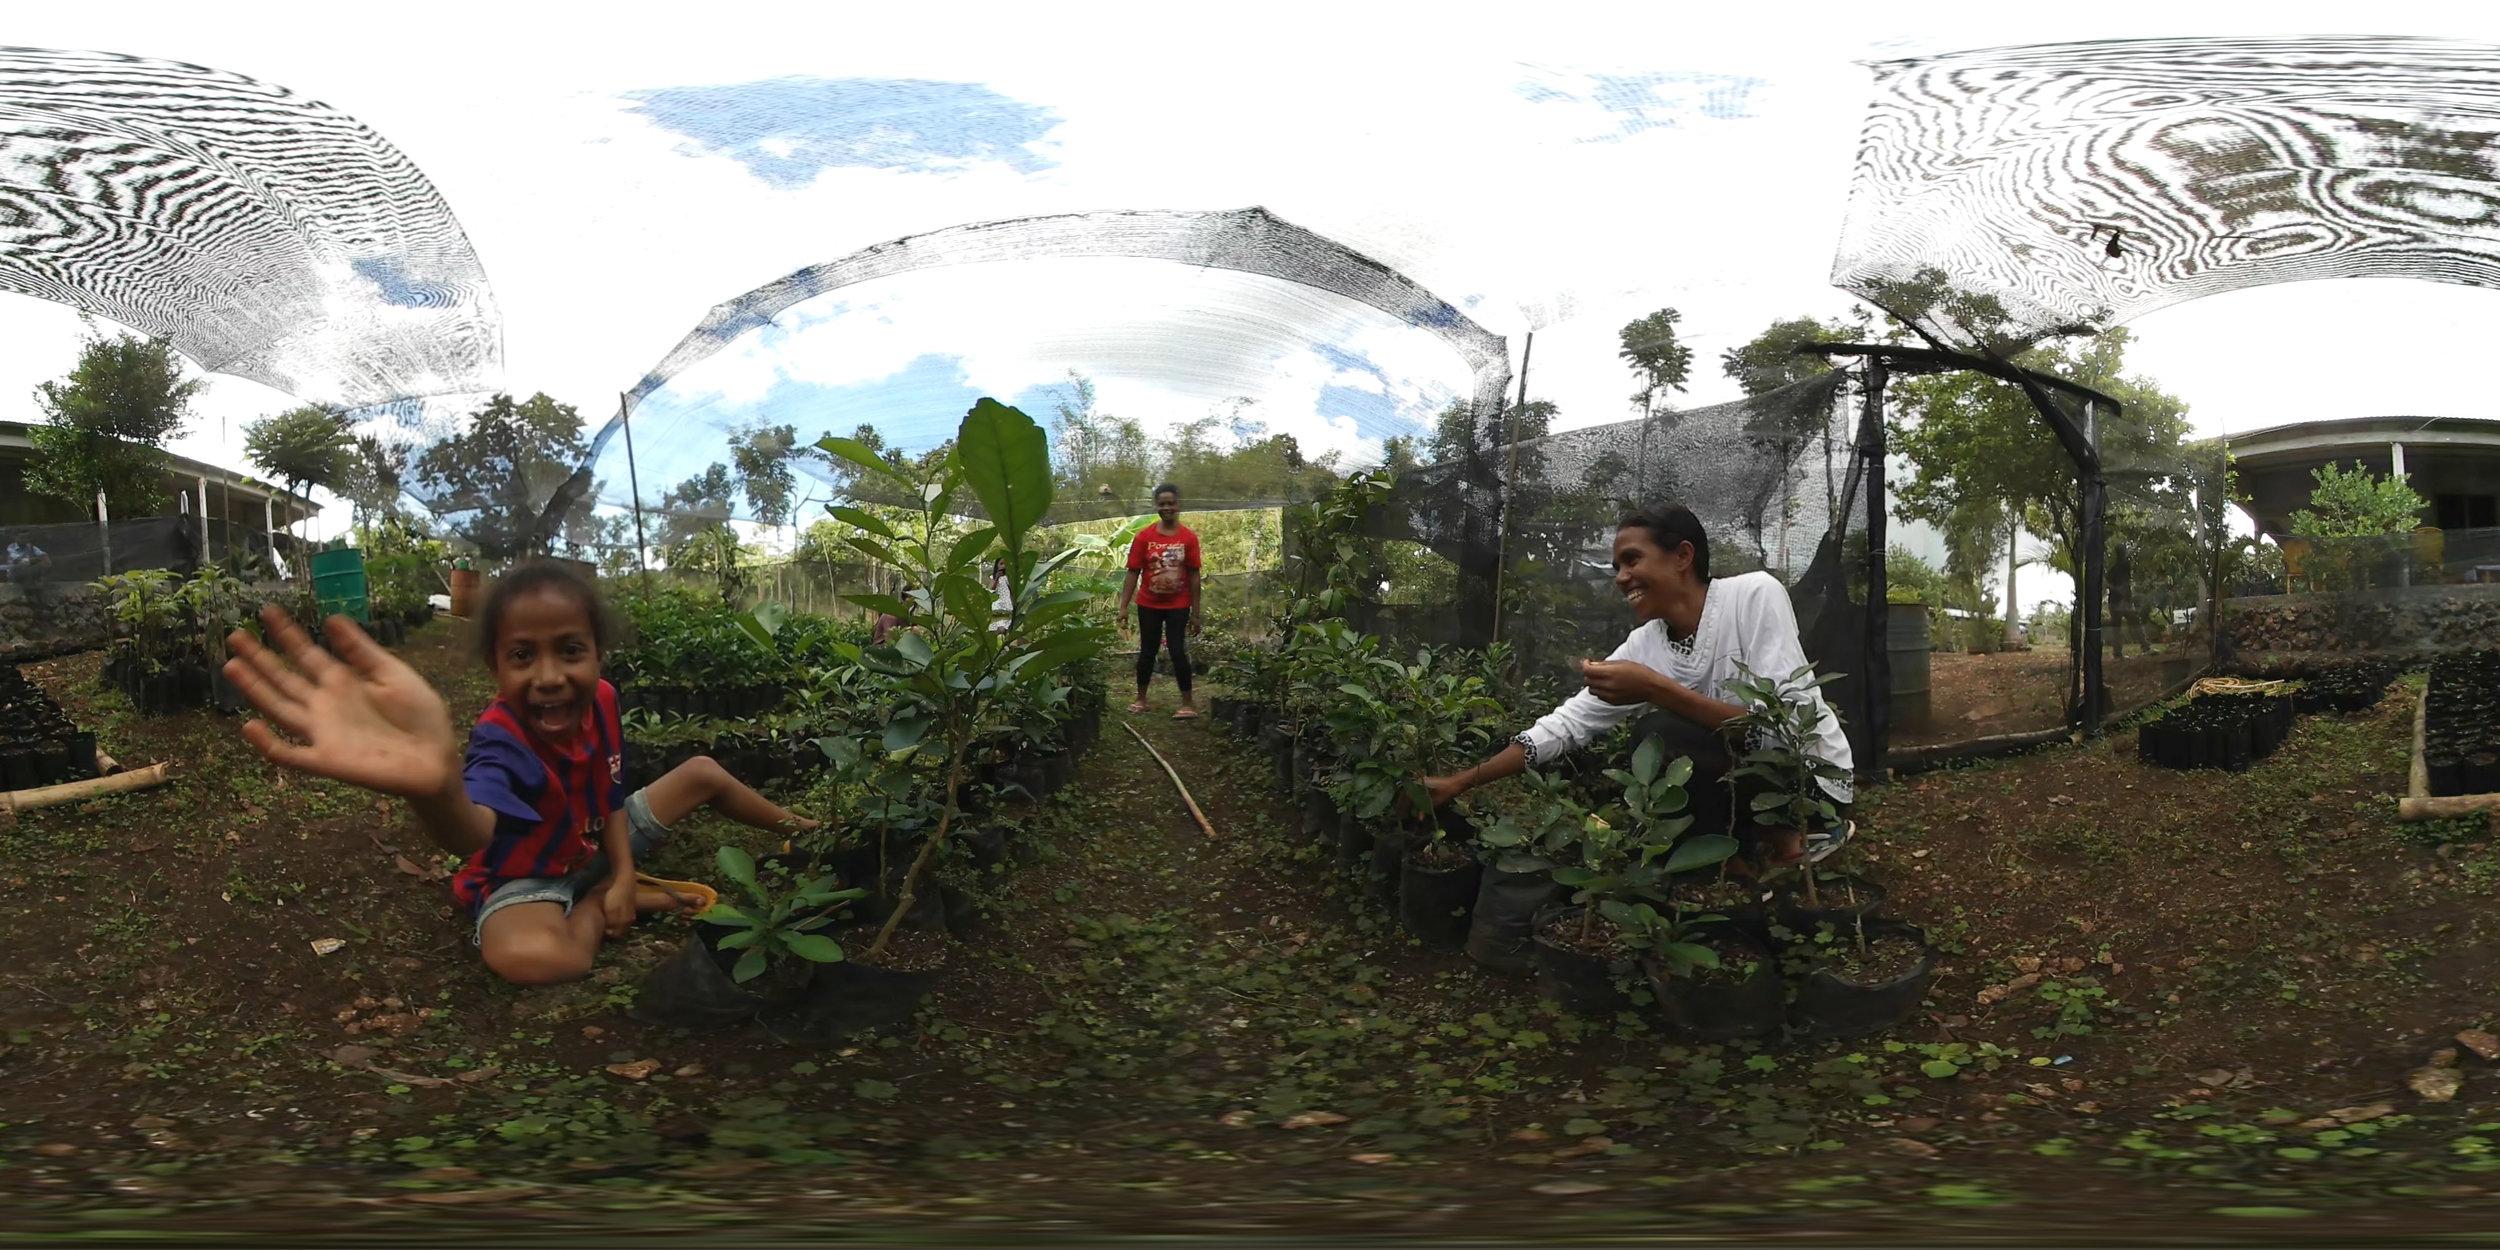 Sustainable garden in Timor-Leste by Ben Kreimer.